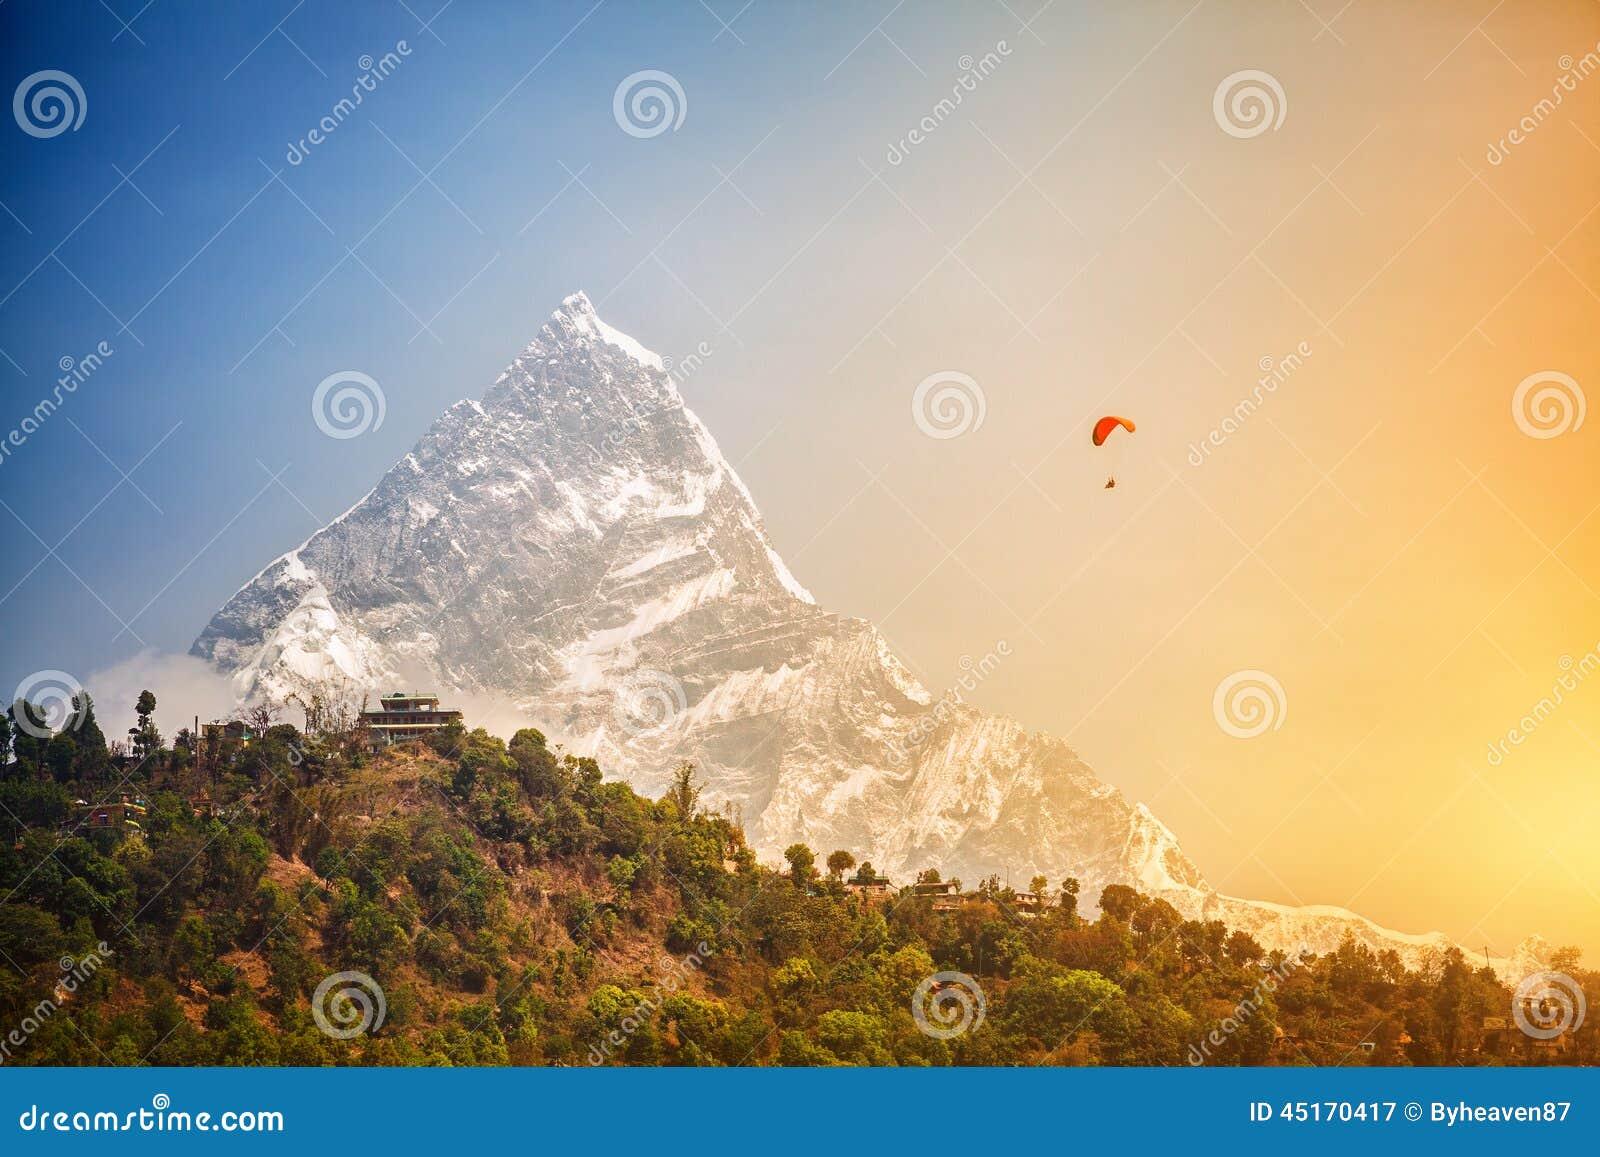 Parapente em Himalaya